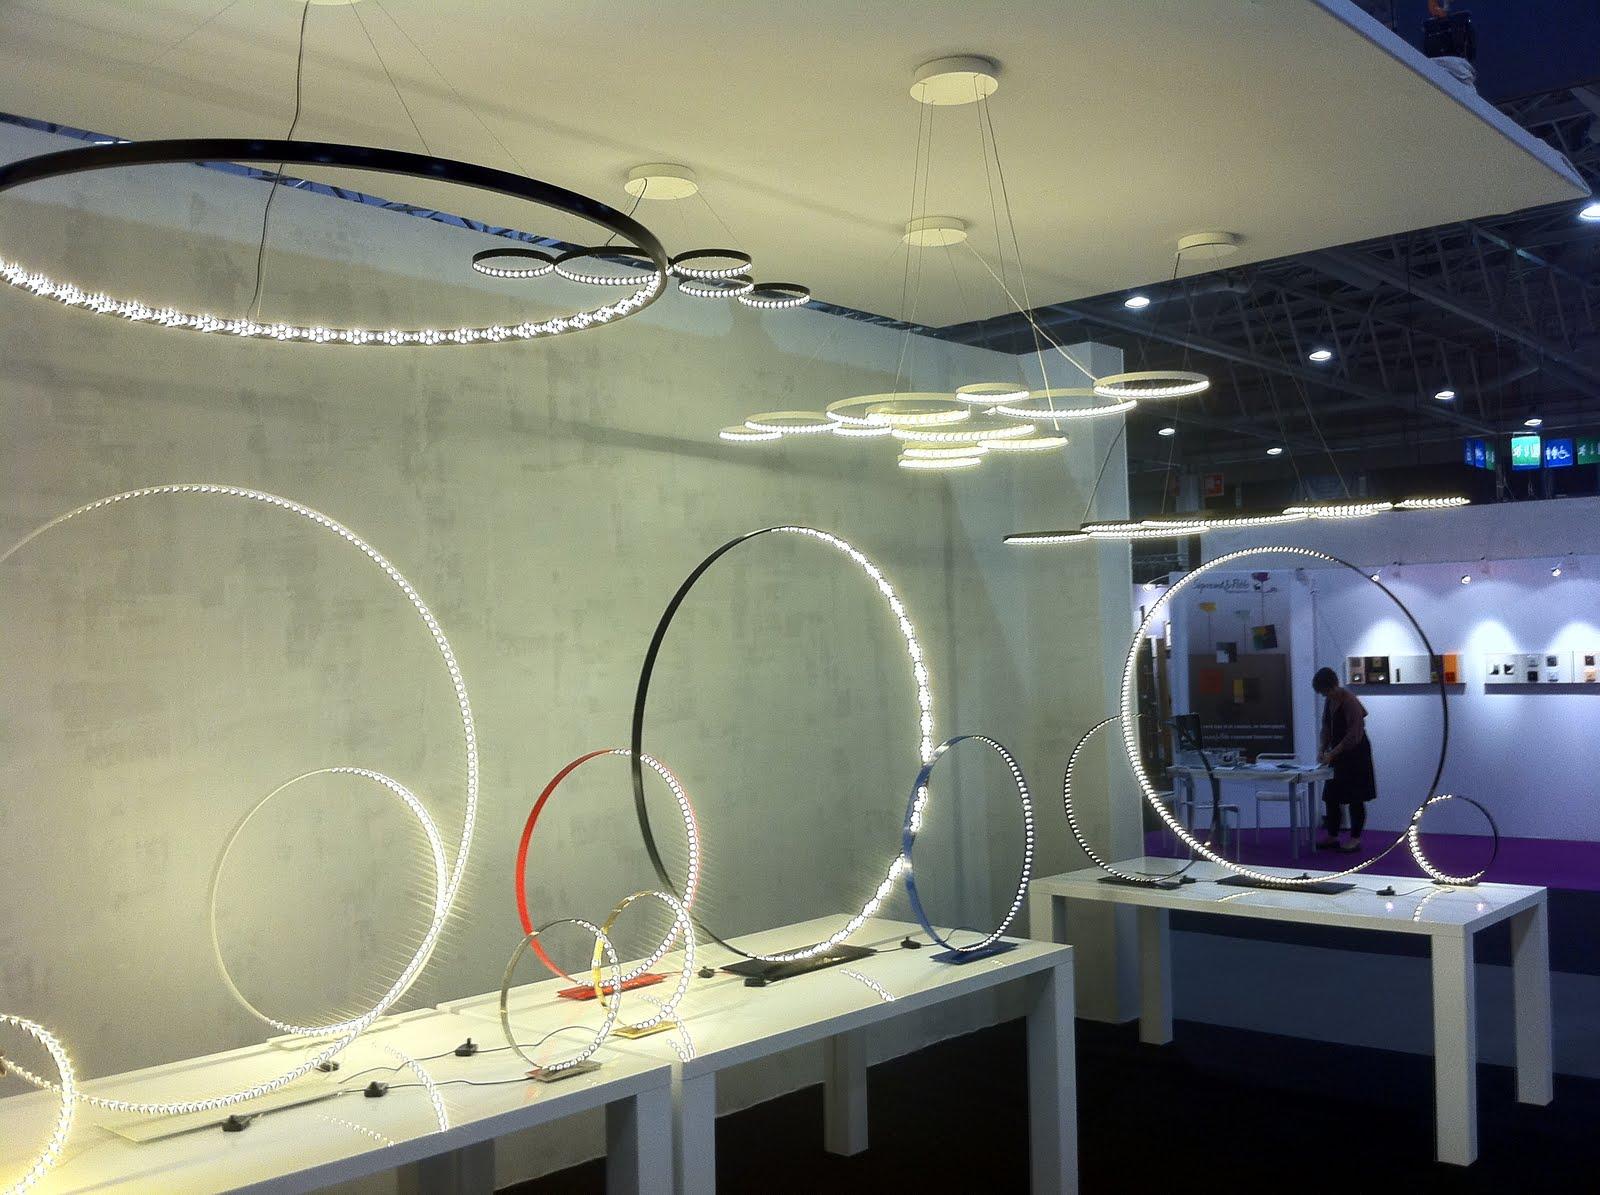 le blog maison objet 2011 r vons dans l 39 espace le deun luminaires. Black Bedroom Furniture Sets. Home Design Ideas